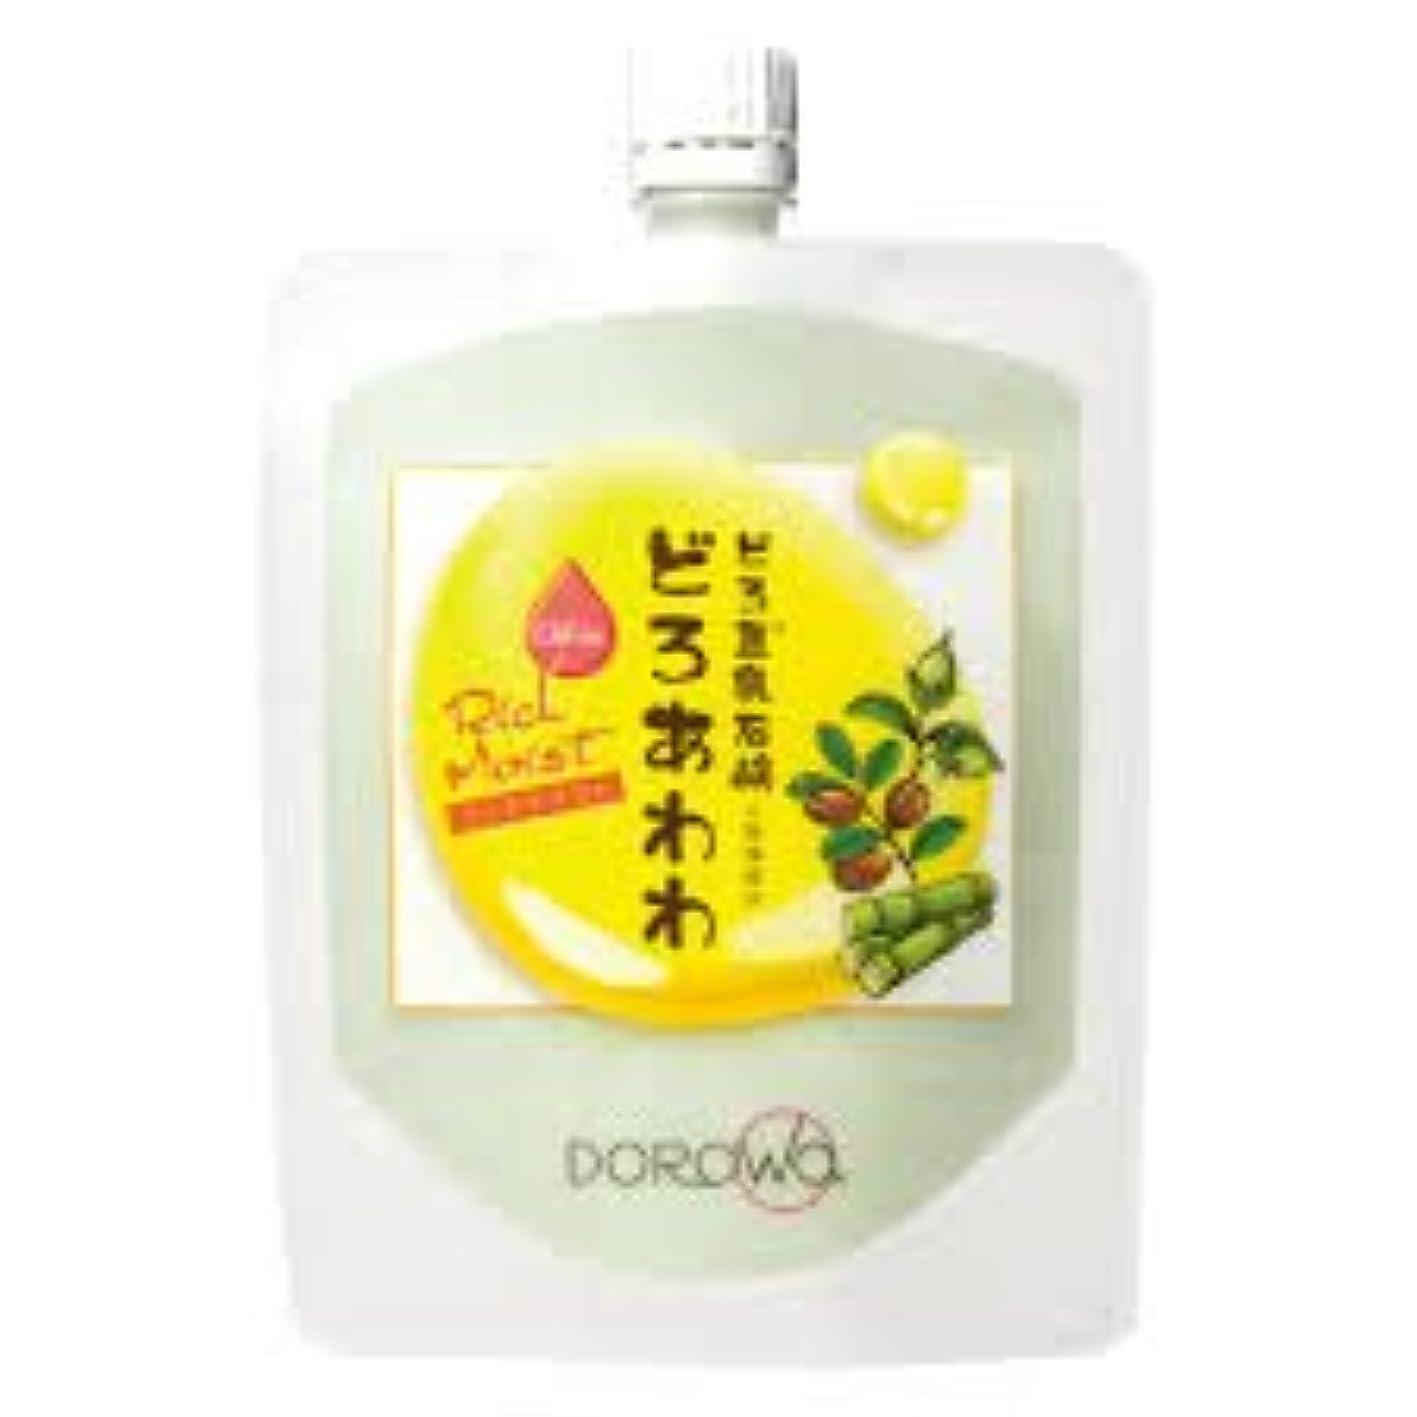 スナック原因補充【DOROwa(ドロワ)】どろ豆乳石鹸 どろあわわ〈リッチモイスト〉